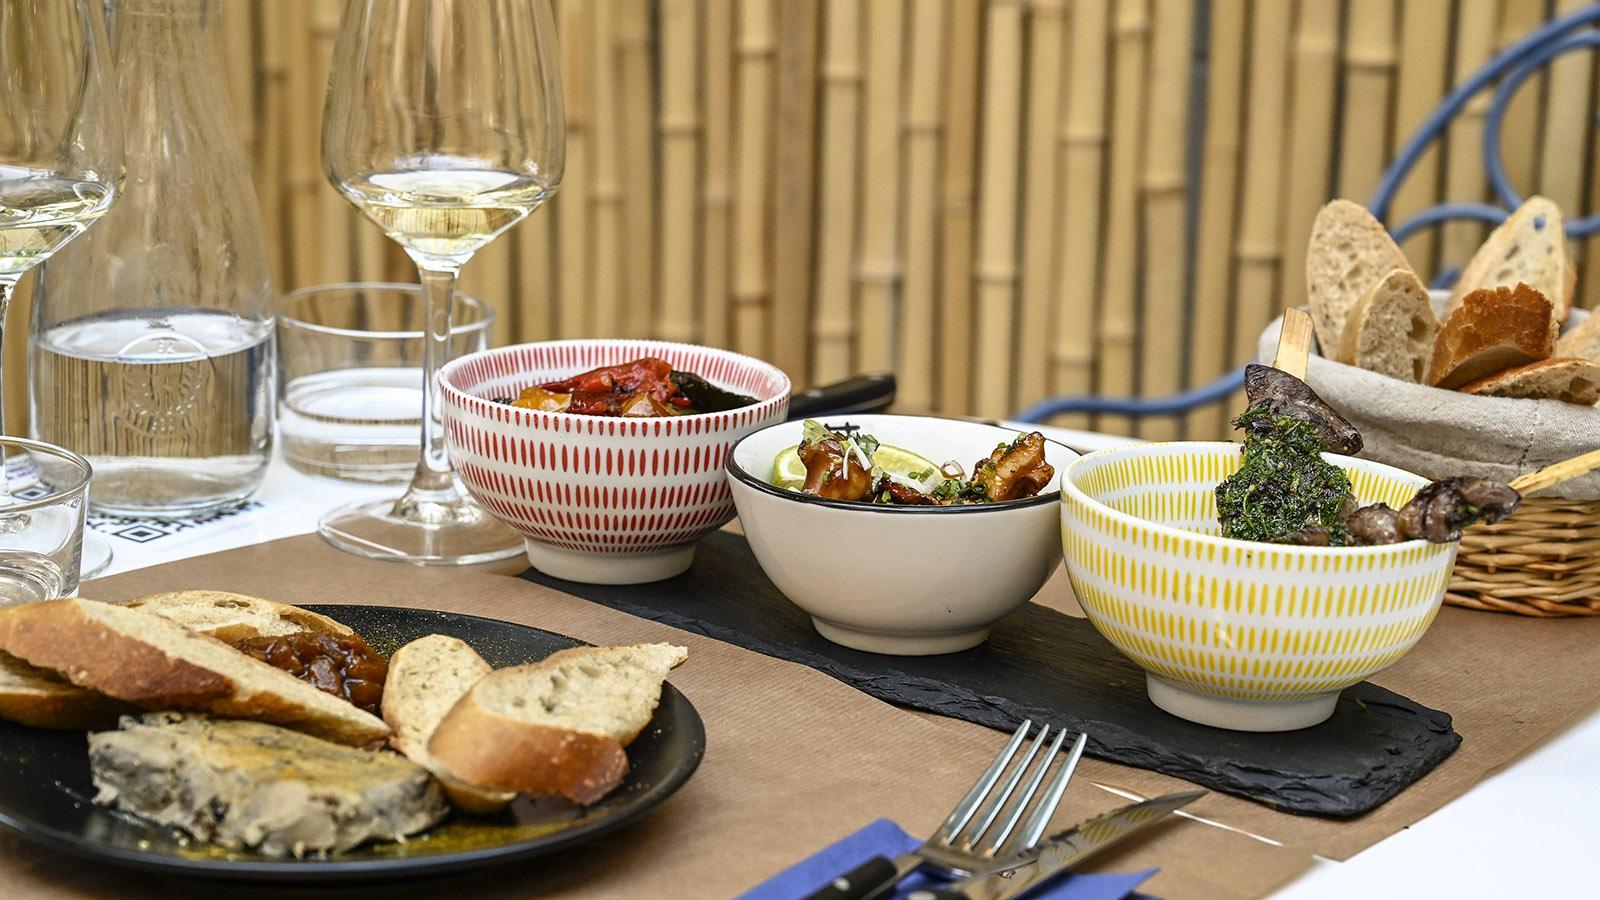 Toulouse: Lust auf Tapas? Le Carthal serviert mediterrane Häppchen, die mit Asiens Aromen flirten. Foto: Hilke Maunder